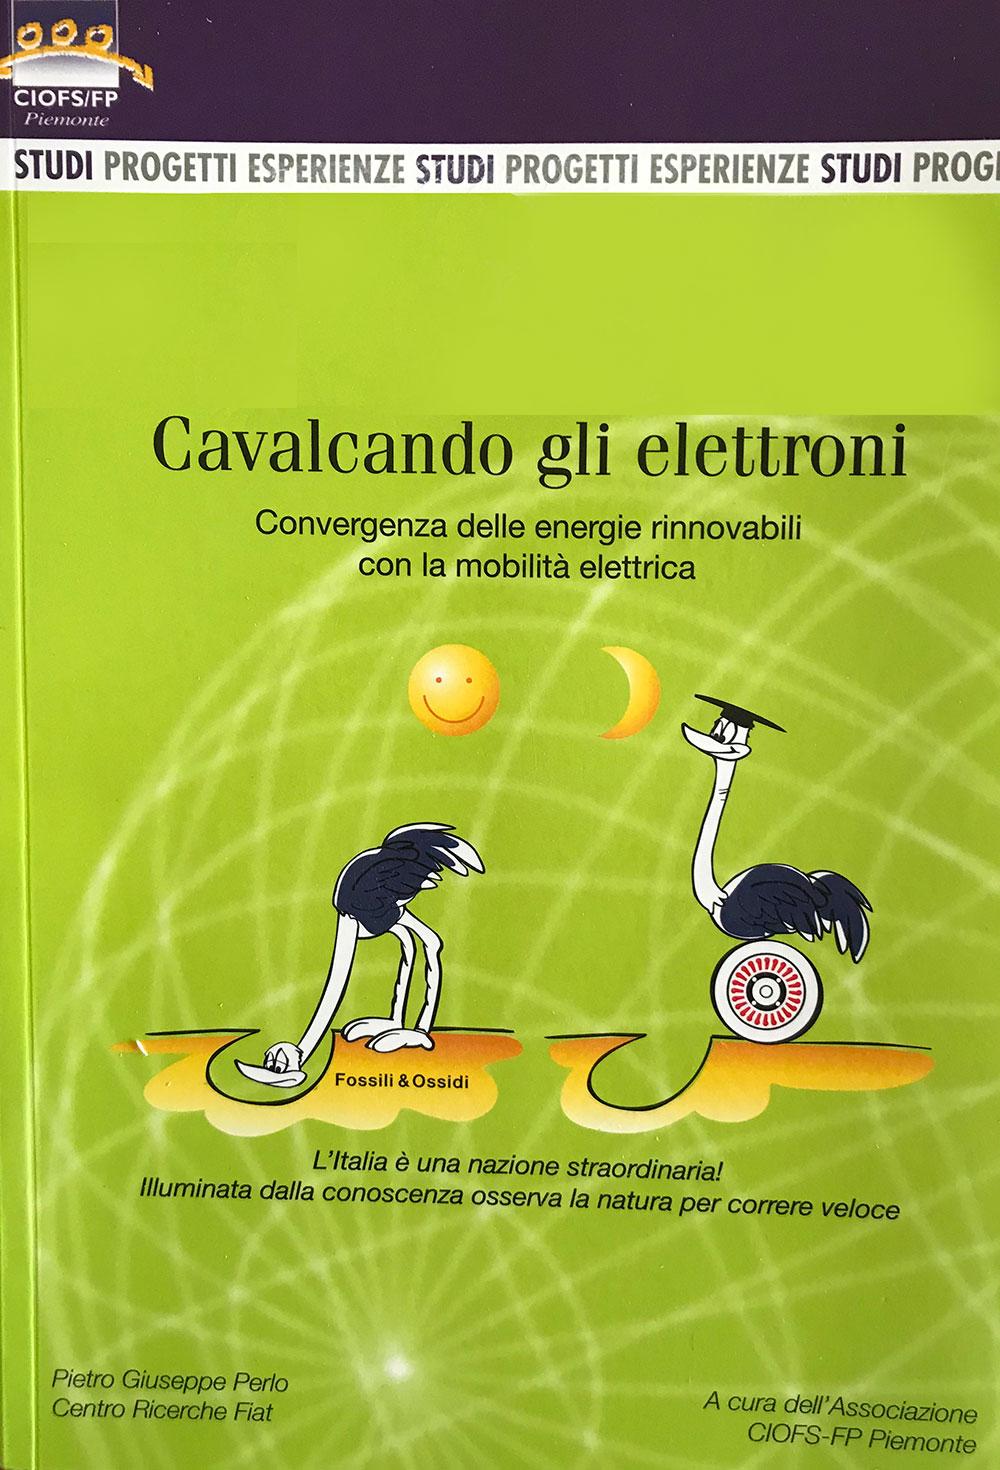 cavalcando gli elettroni